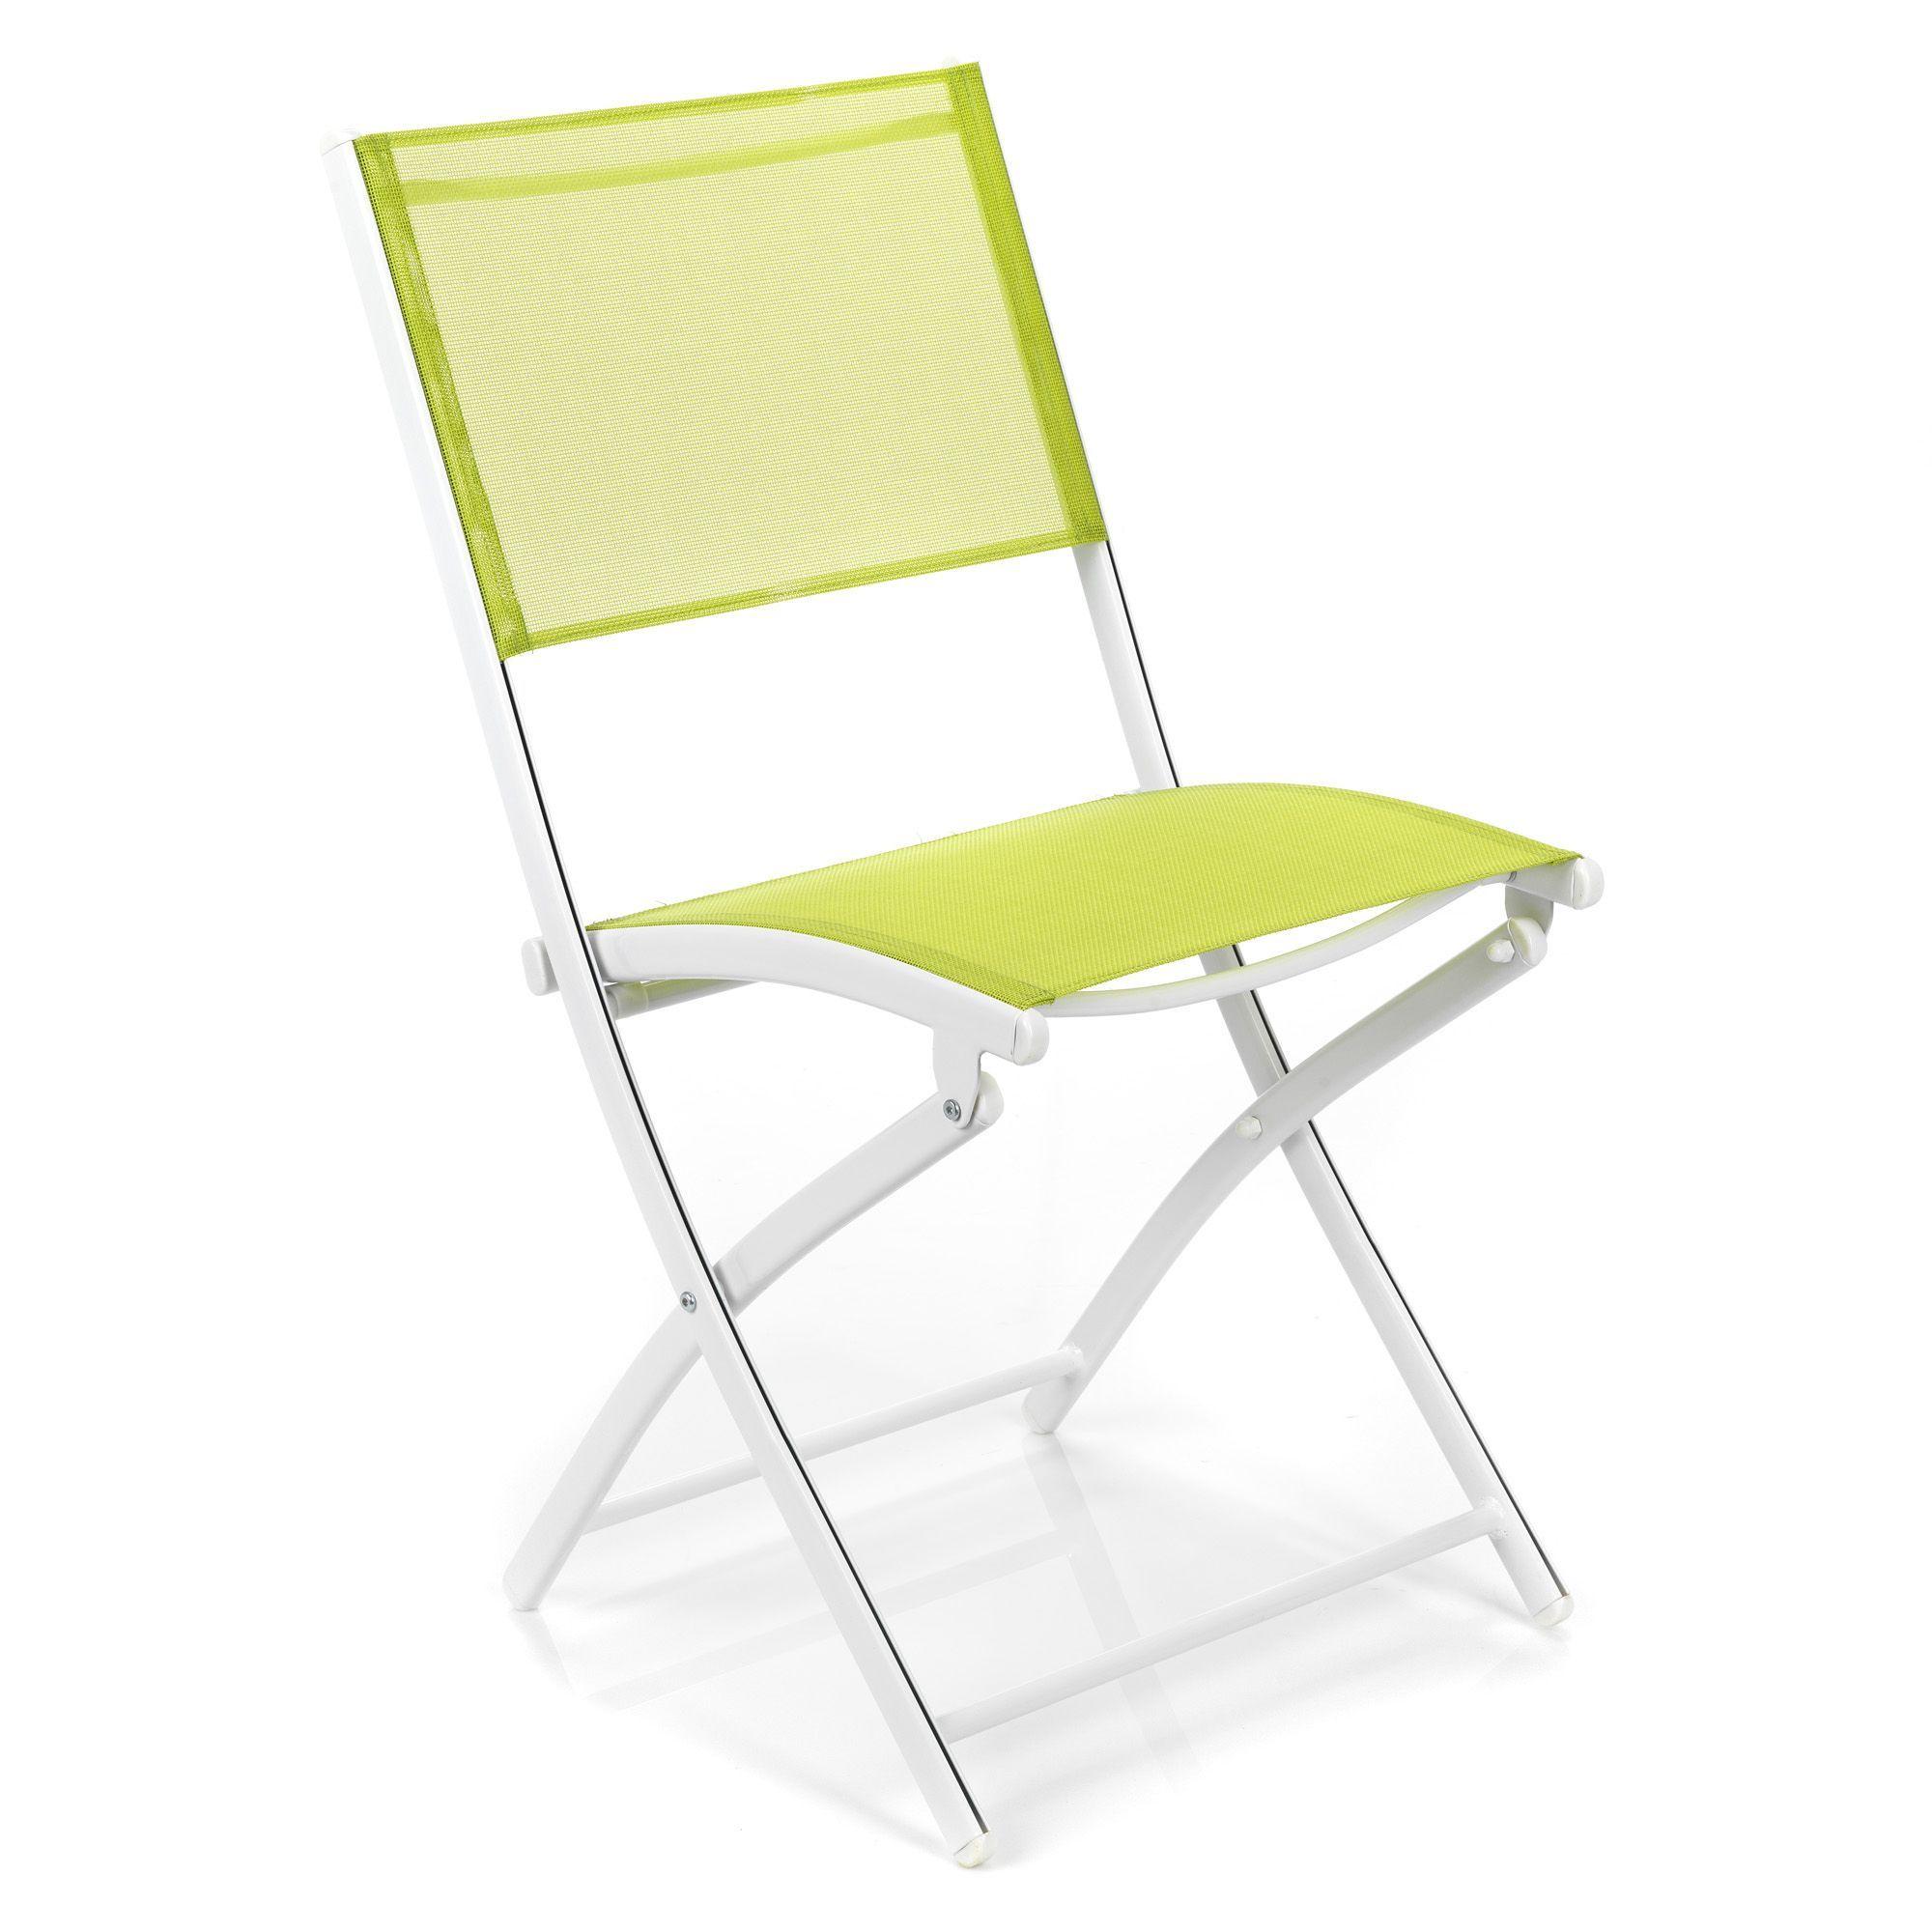 Chaise Pliante De Jardin Blanc Et Vert Structure Blanche ... pour Alinea Chaise Jardin